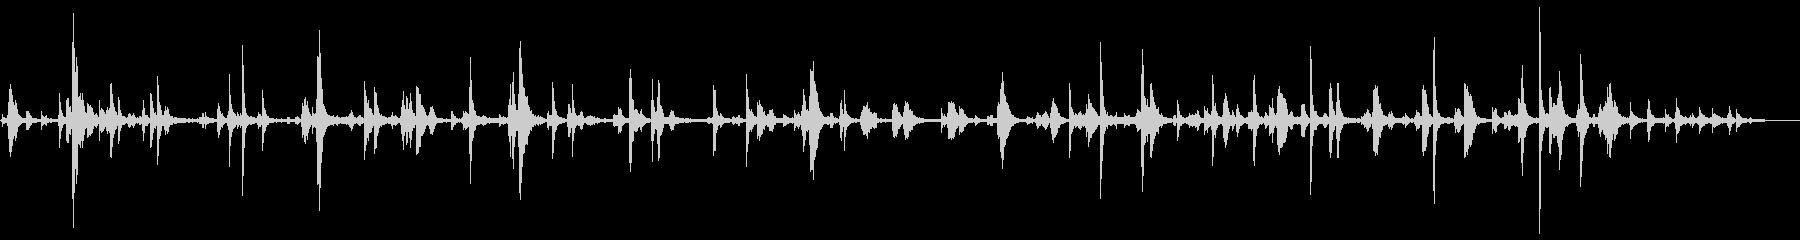 キャンプランタン:スイングその他の...の未再生の波形